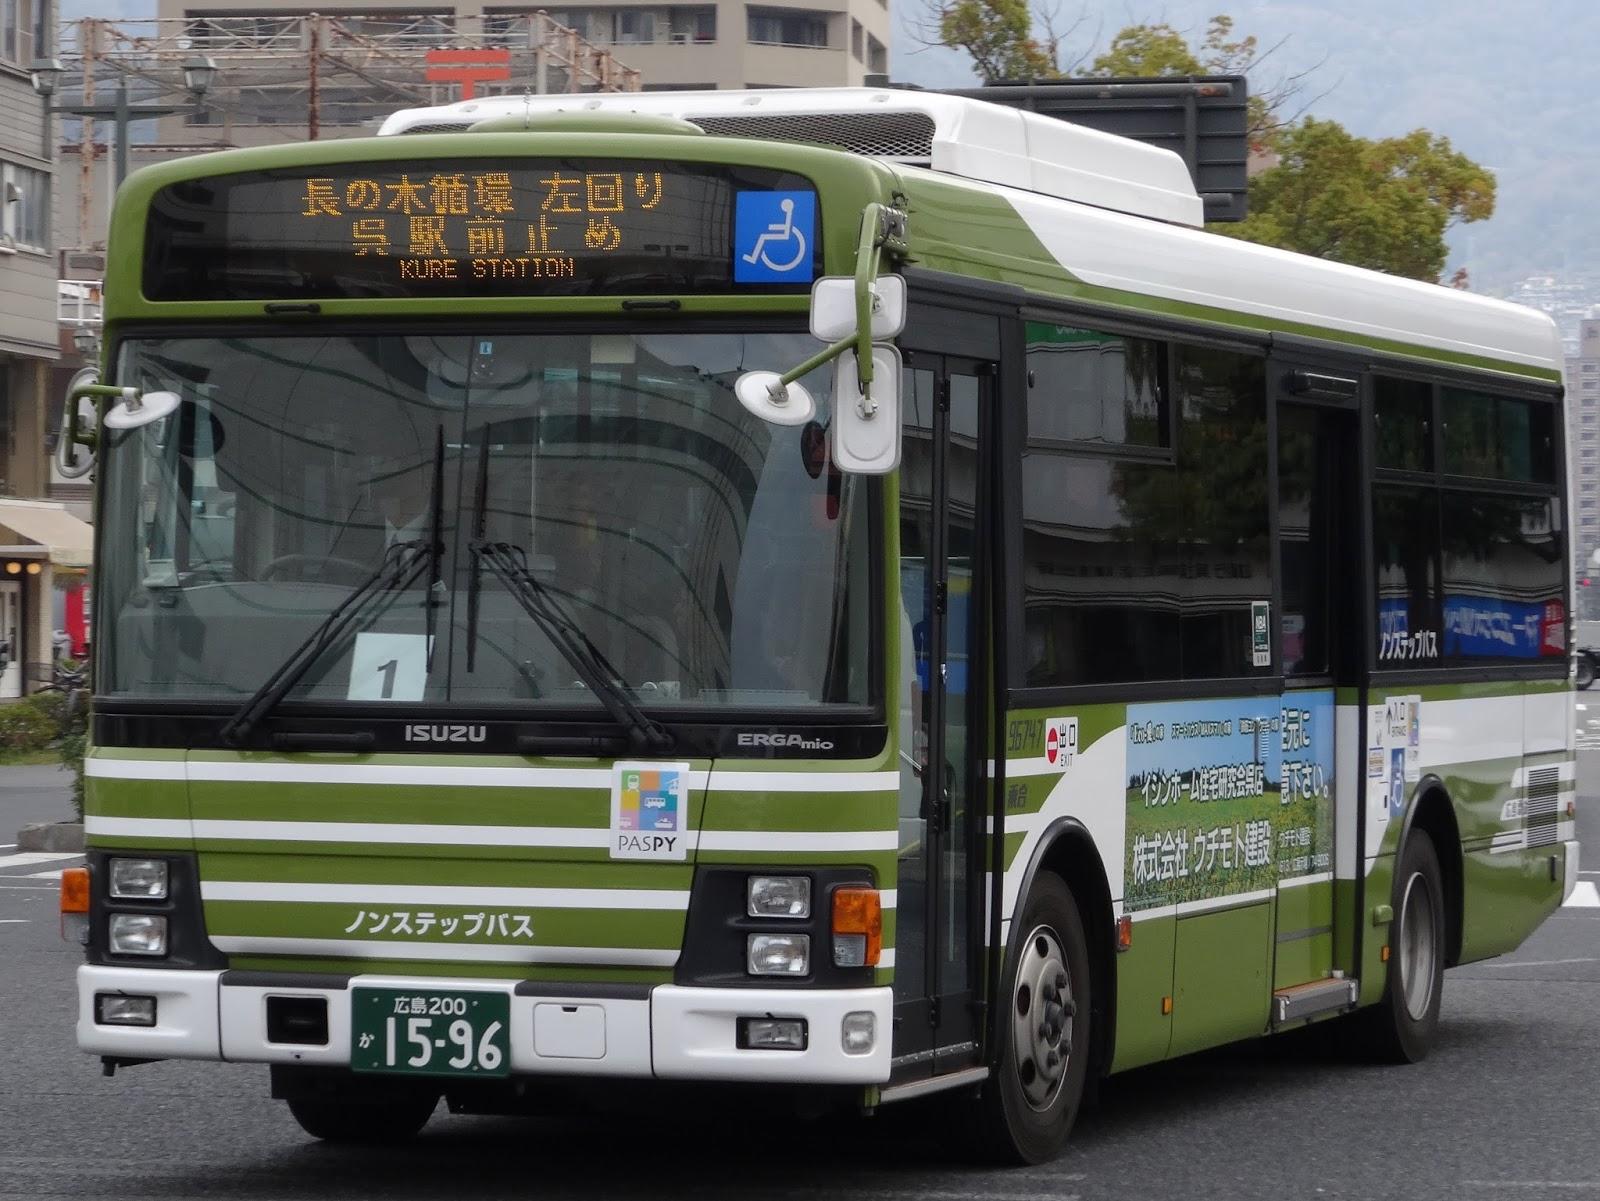 広島のバス: 広電バス 広島200か1596